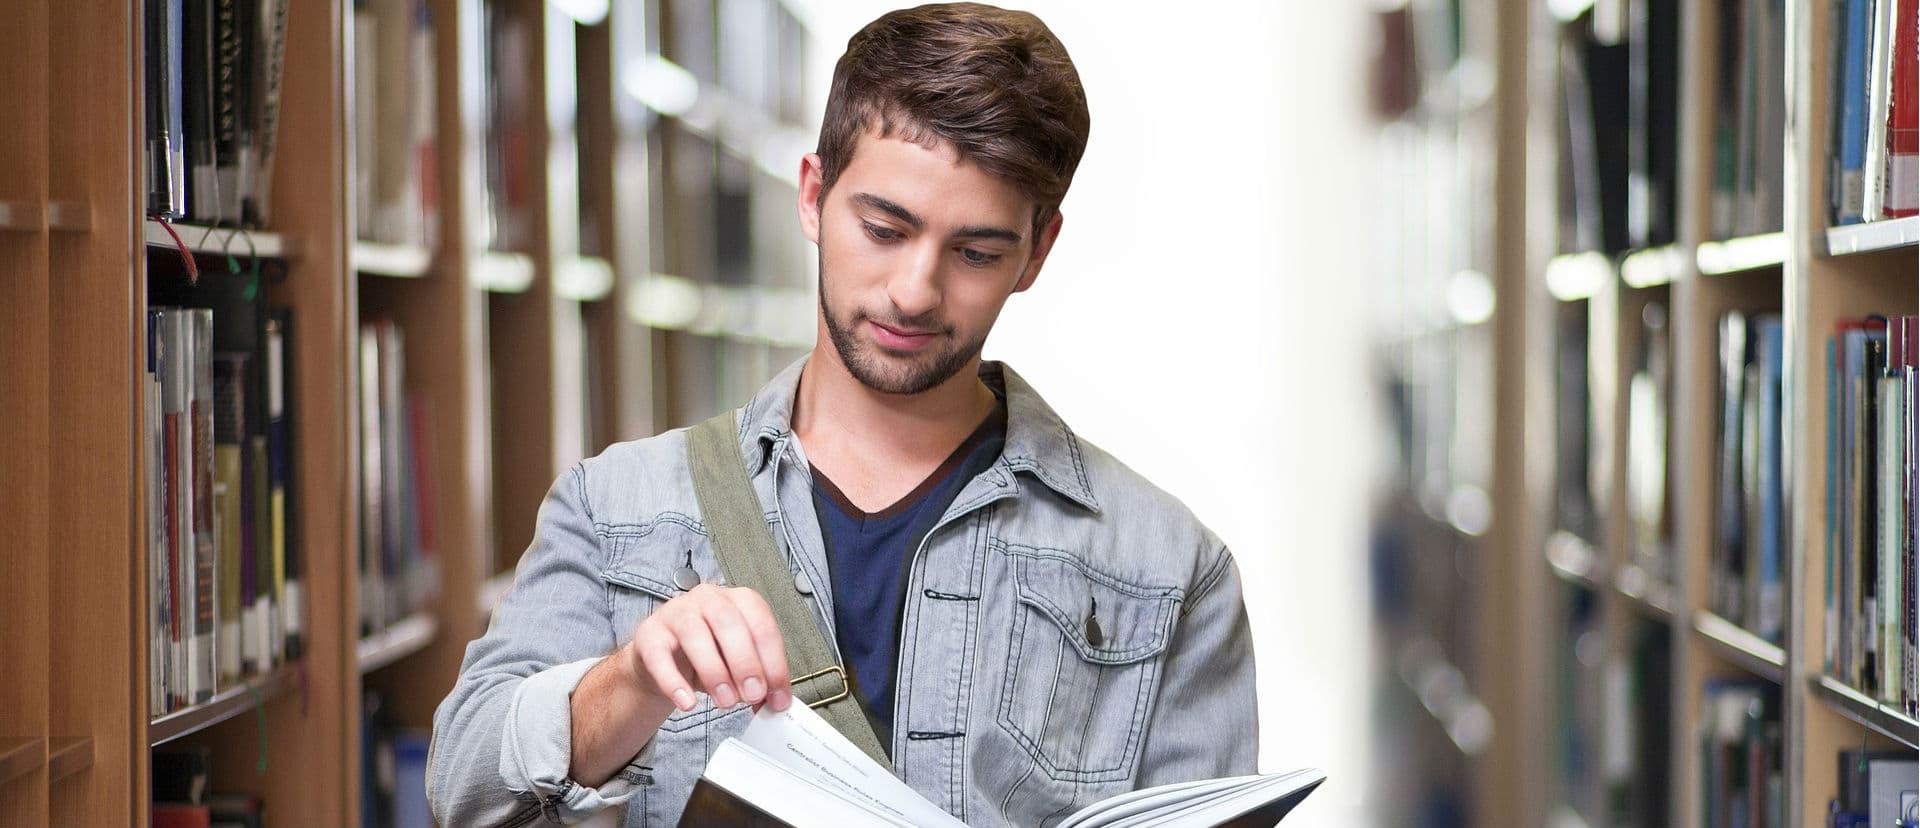 Te contamos por qué estudiar un máster es una buena opción